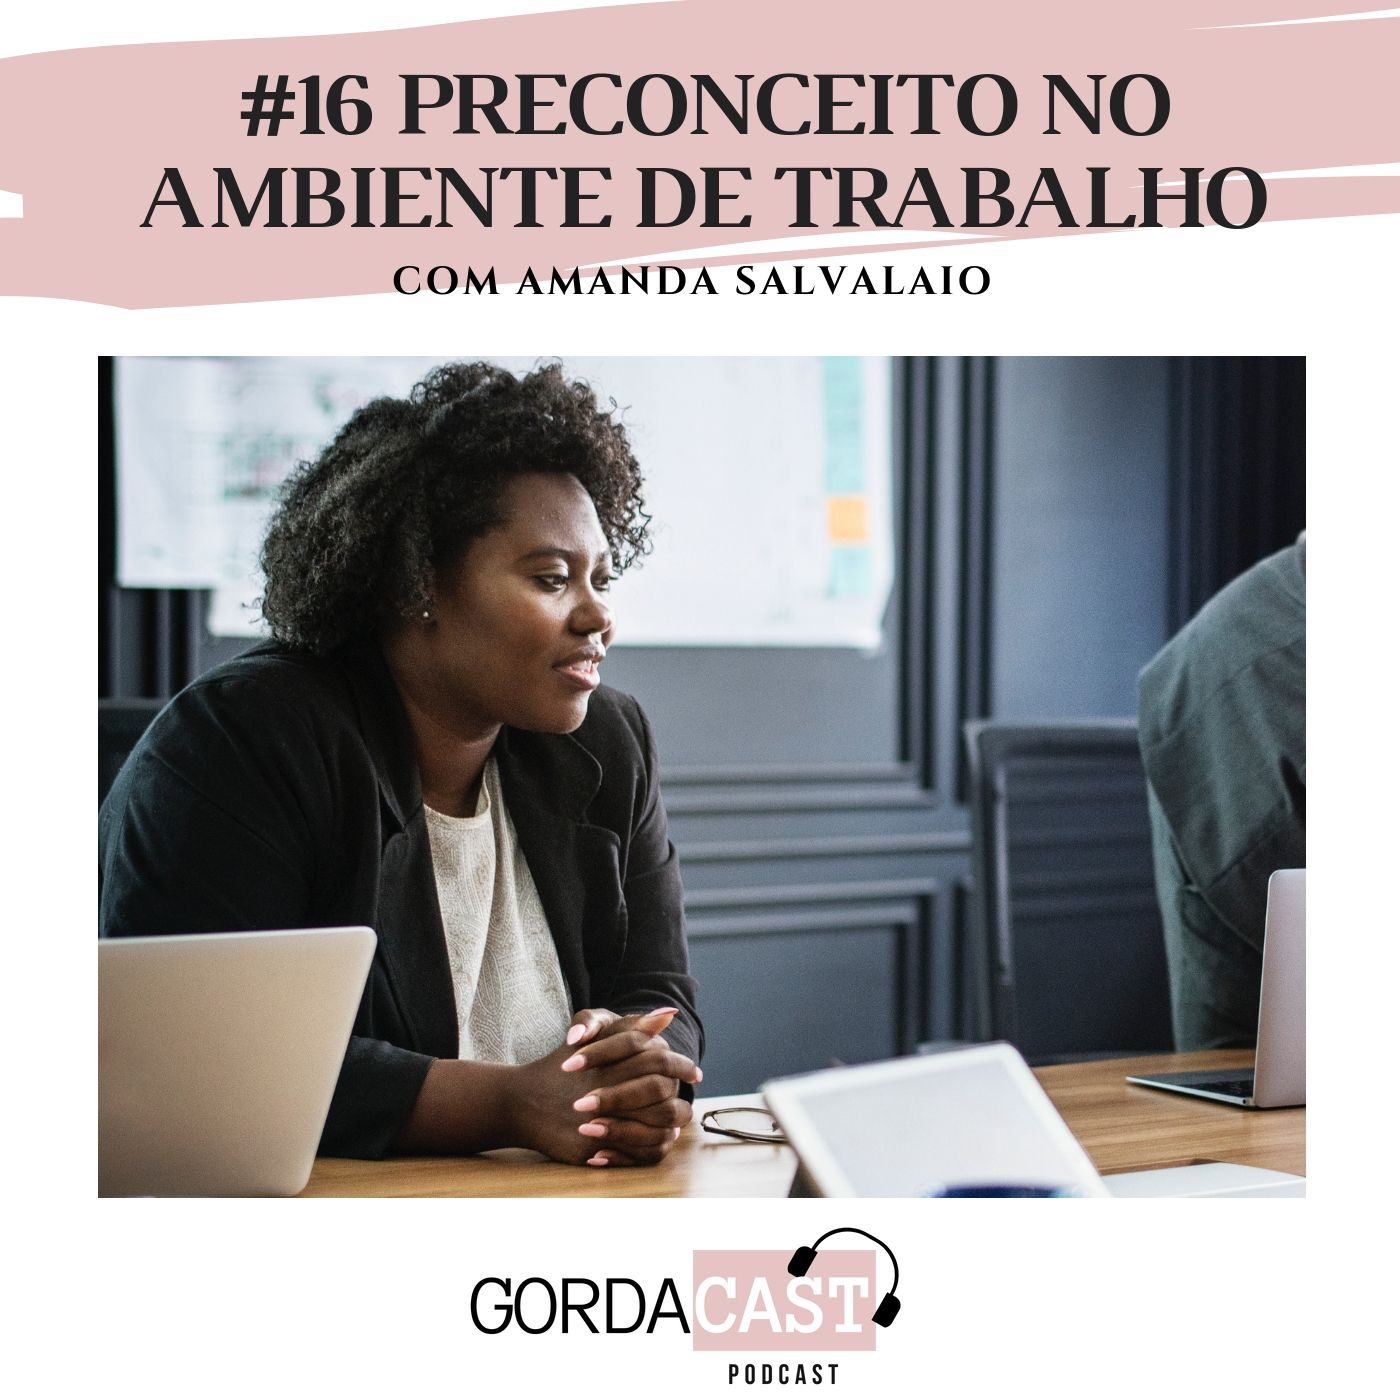 GordaCast #16   Preconceito no ambiente de trabalho